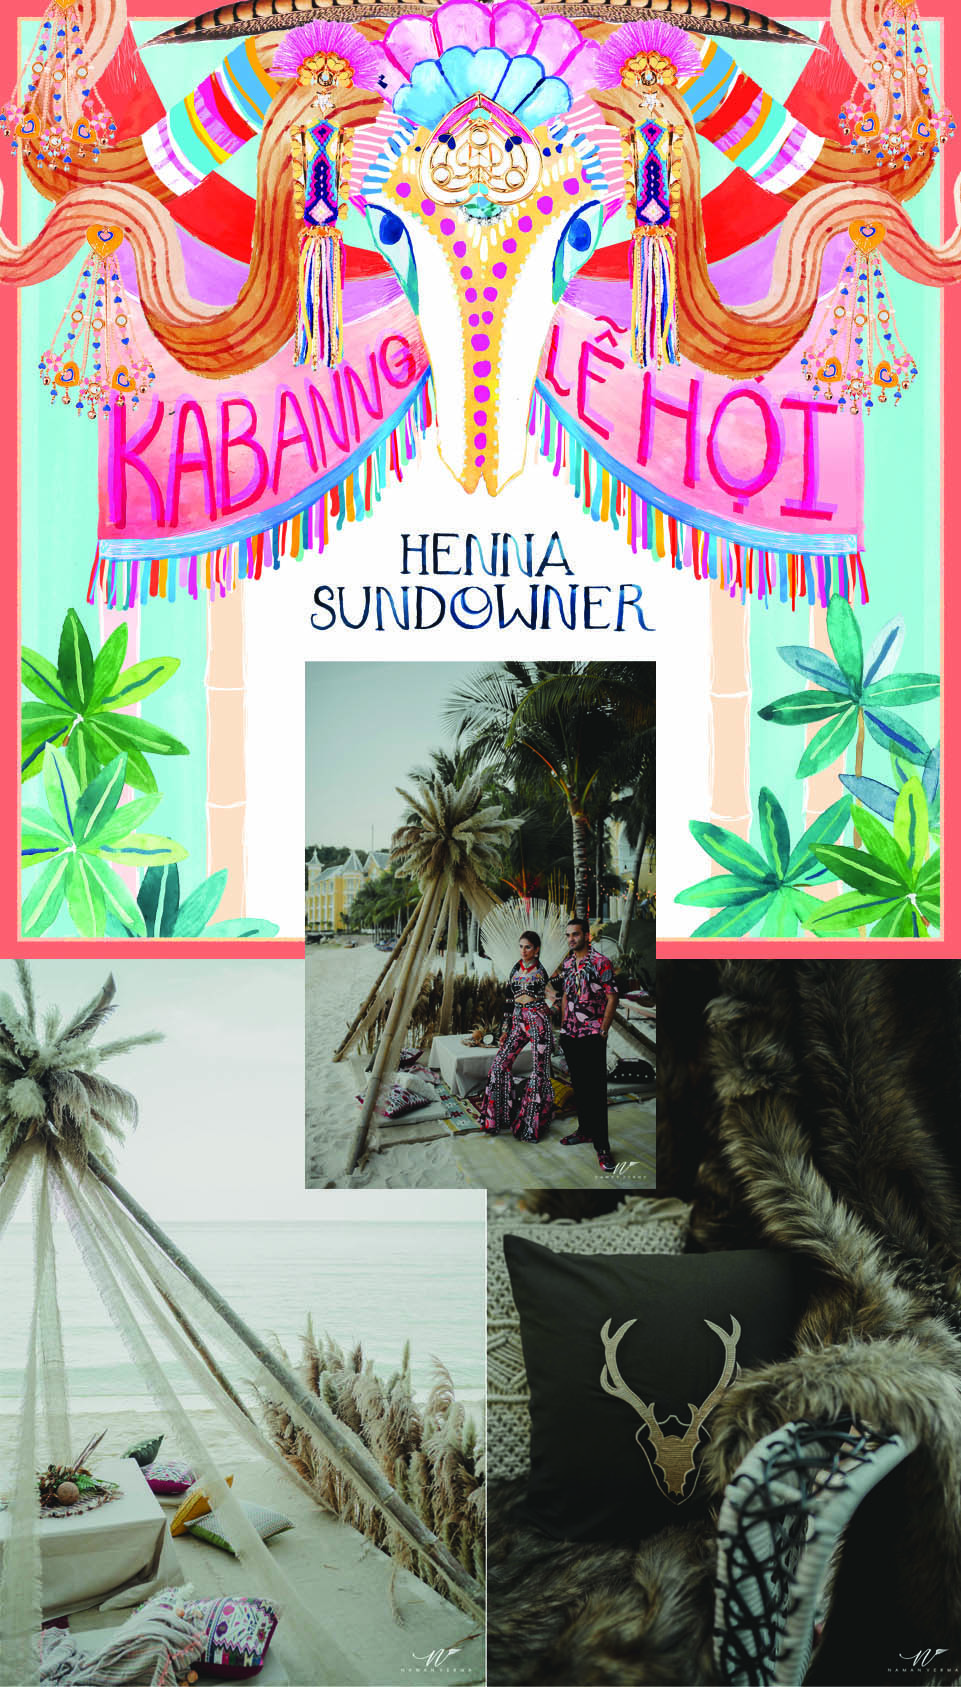 Rushang & Kaabia E-invite-3 copy.jpg